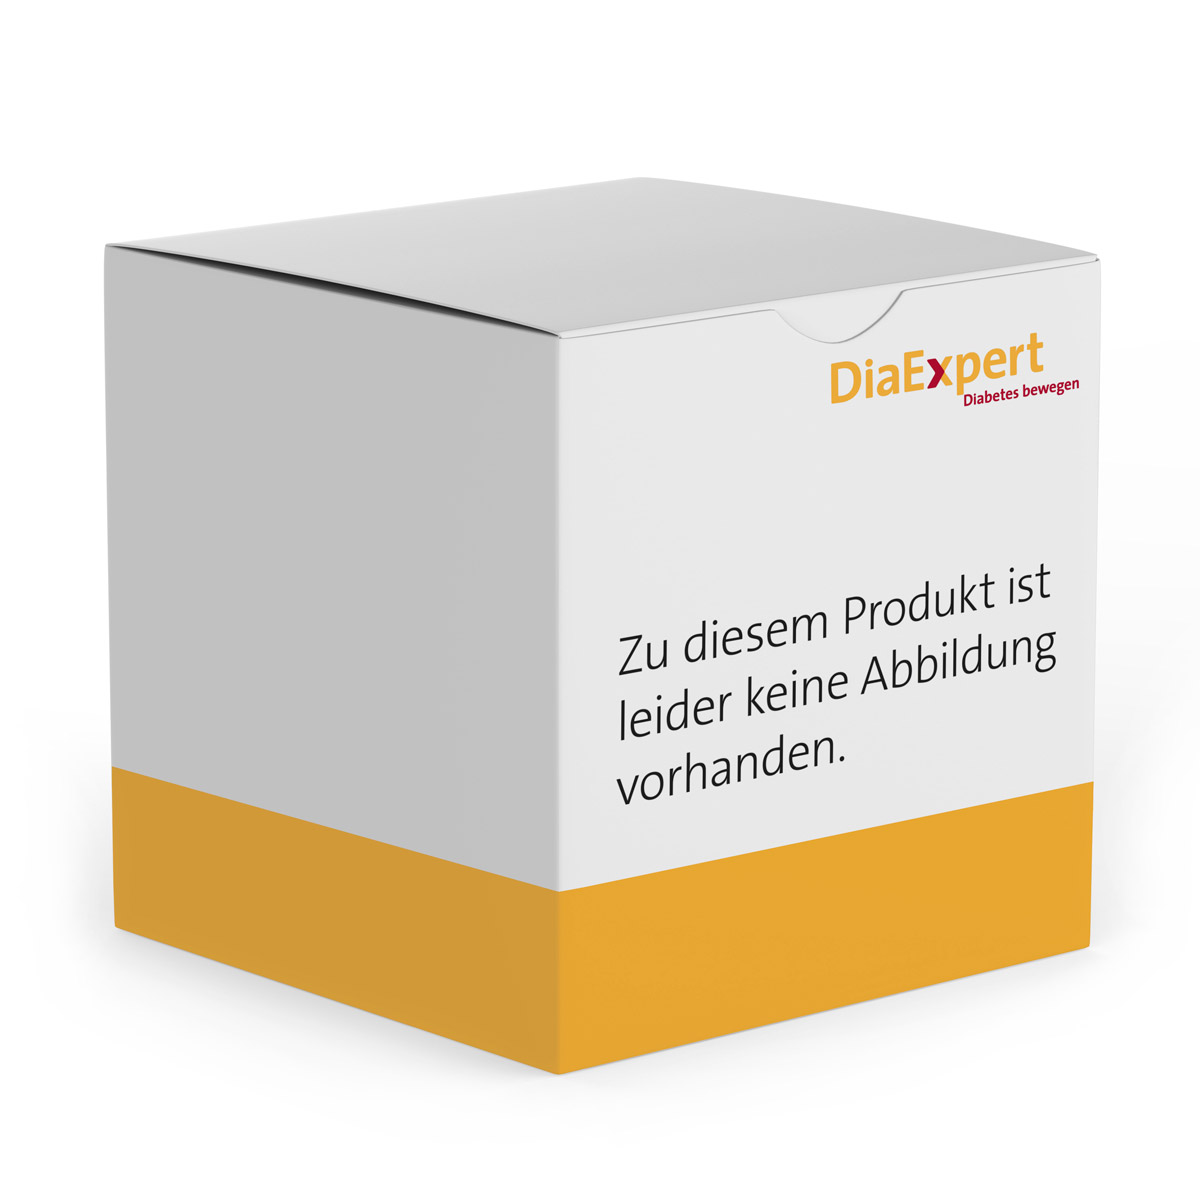 Accu-Chek Service-Pack klein (ohne Batterien) für Accu-Chek Spirit / Accu-Chek Combo